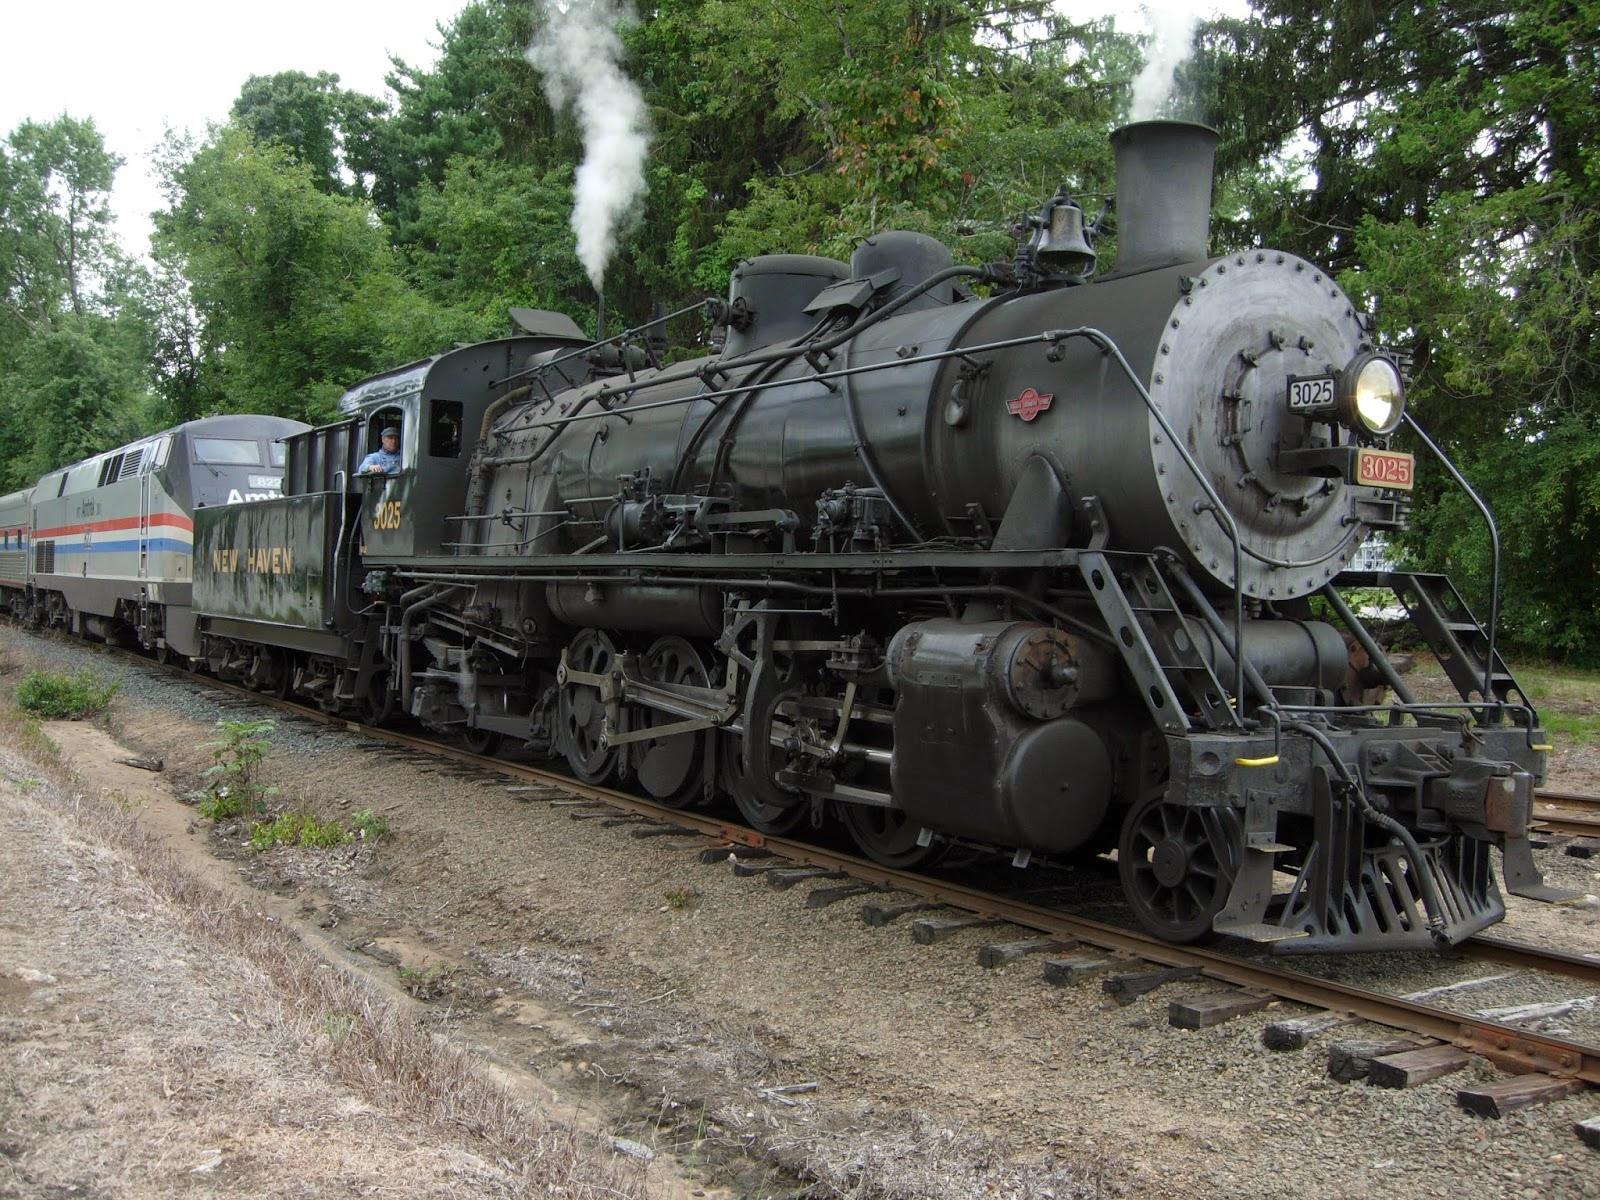 #3025 Waiting To Bring Amtrak Exhibit Train Northbound Into Essex Station